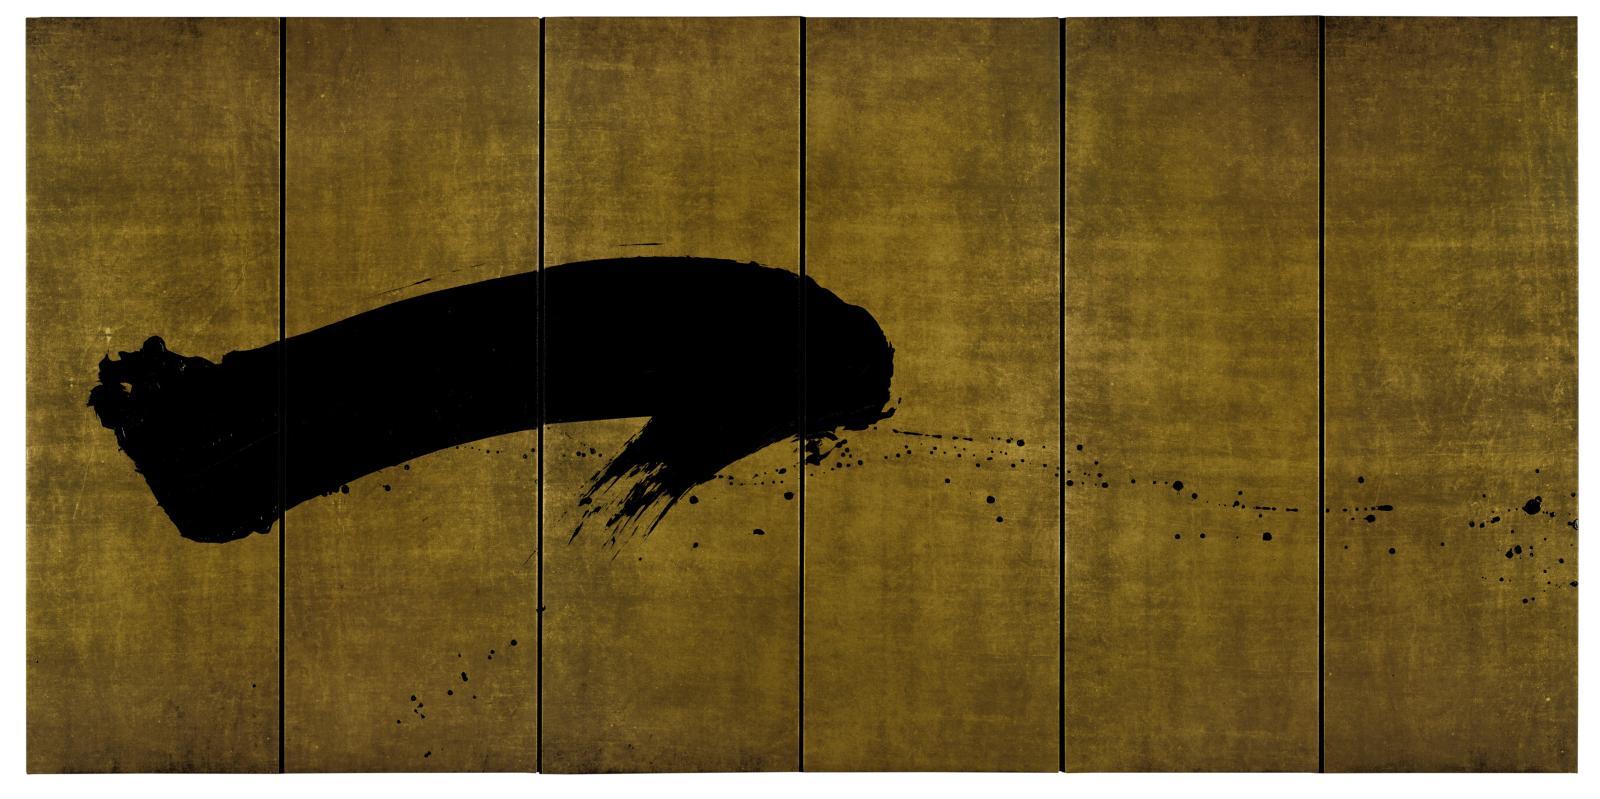 Fabienne Verdier (1962), L'Un. Peinture Automne-Hiver, 2010. © COURTESY GALERIE JEANNE BUCHER JAEGER.